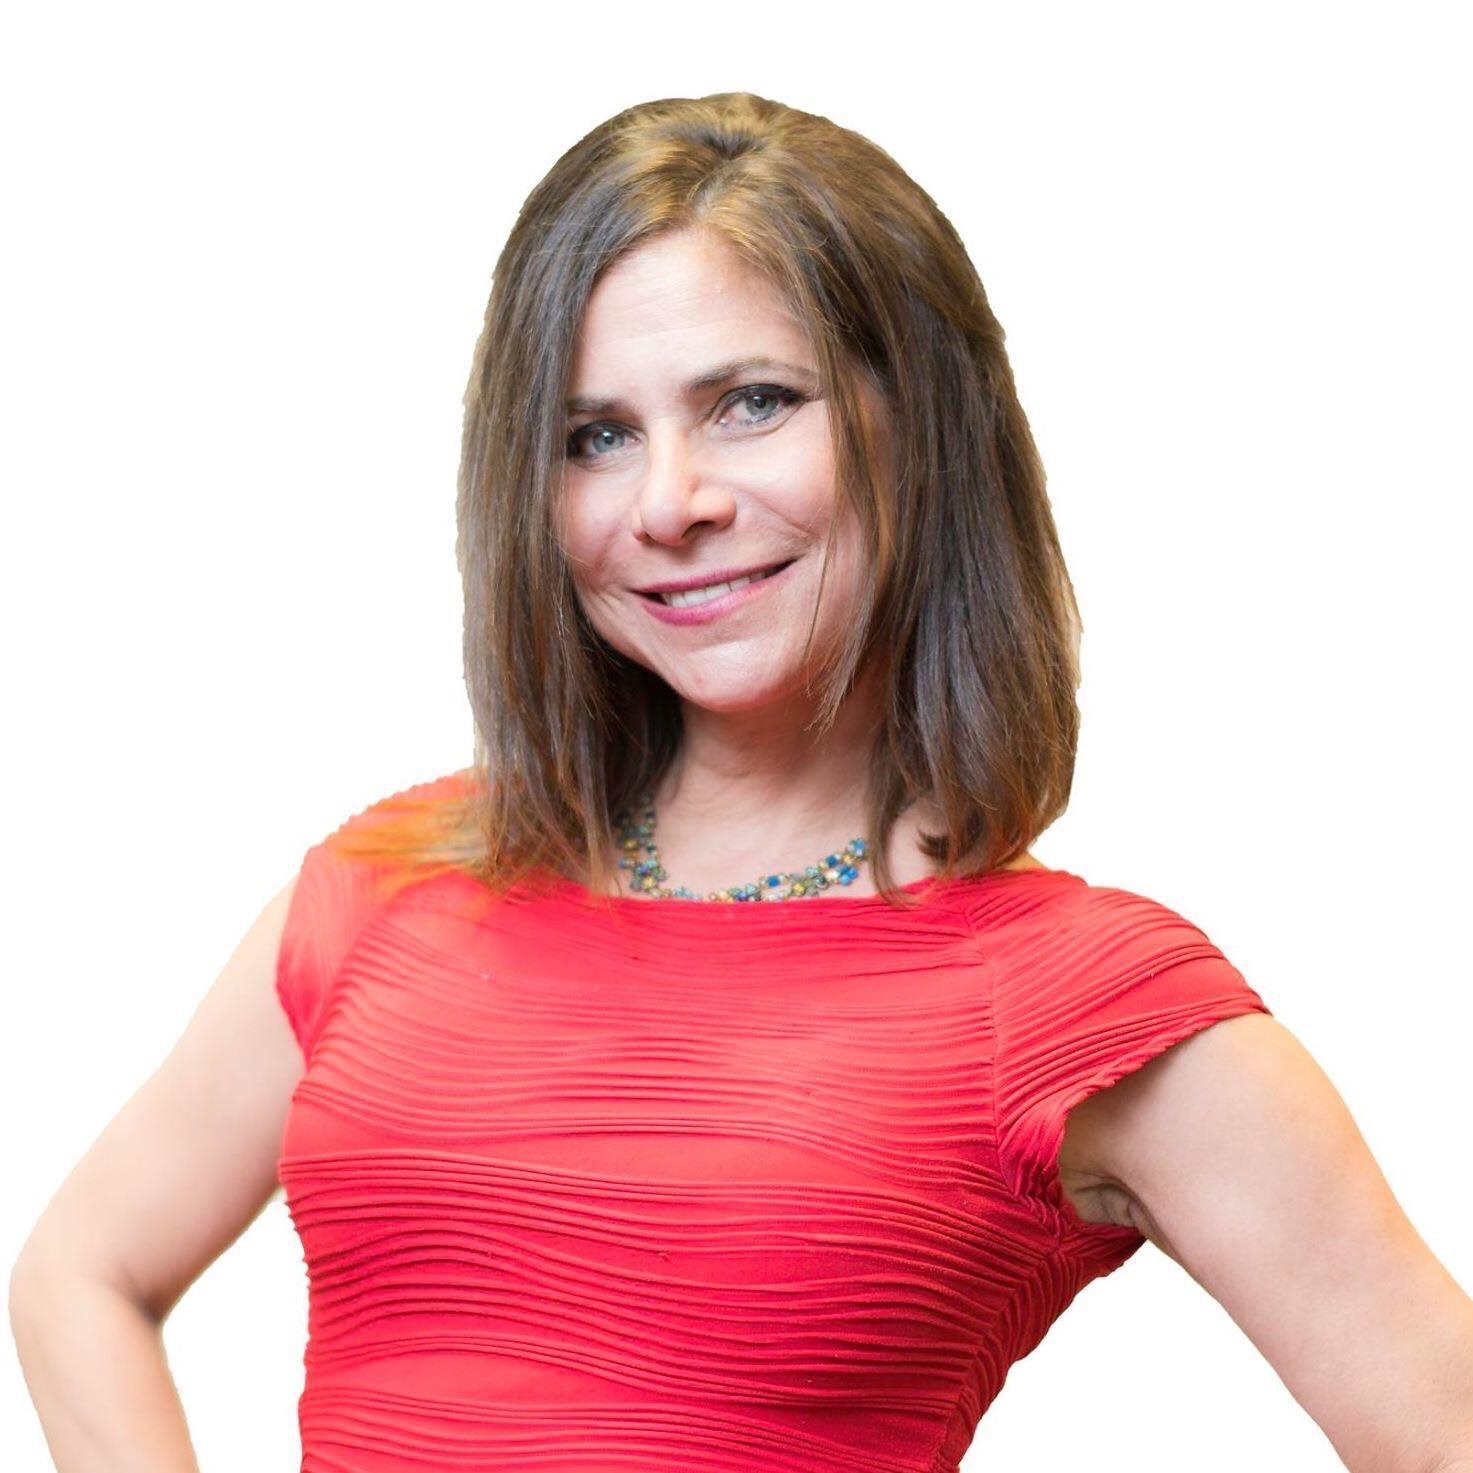 Allison Tregor